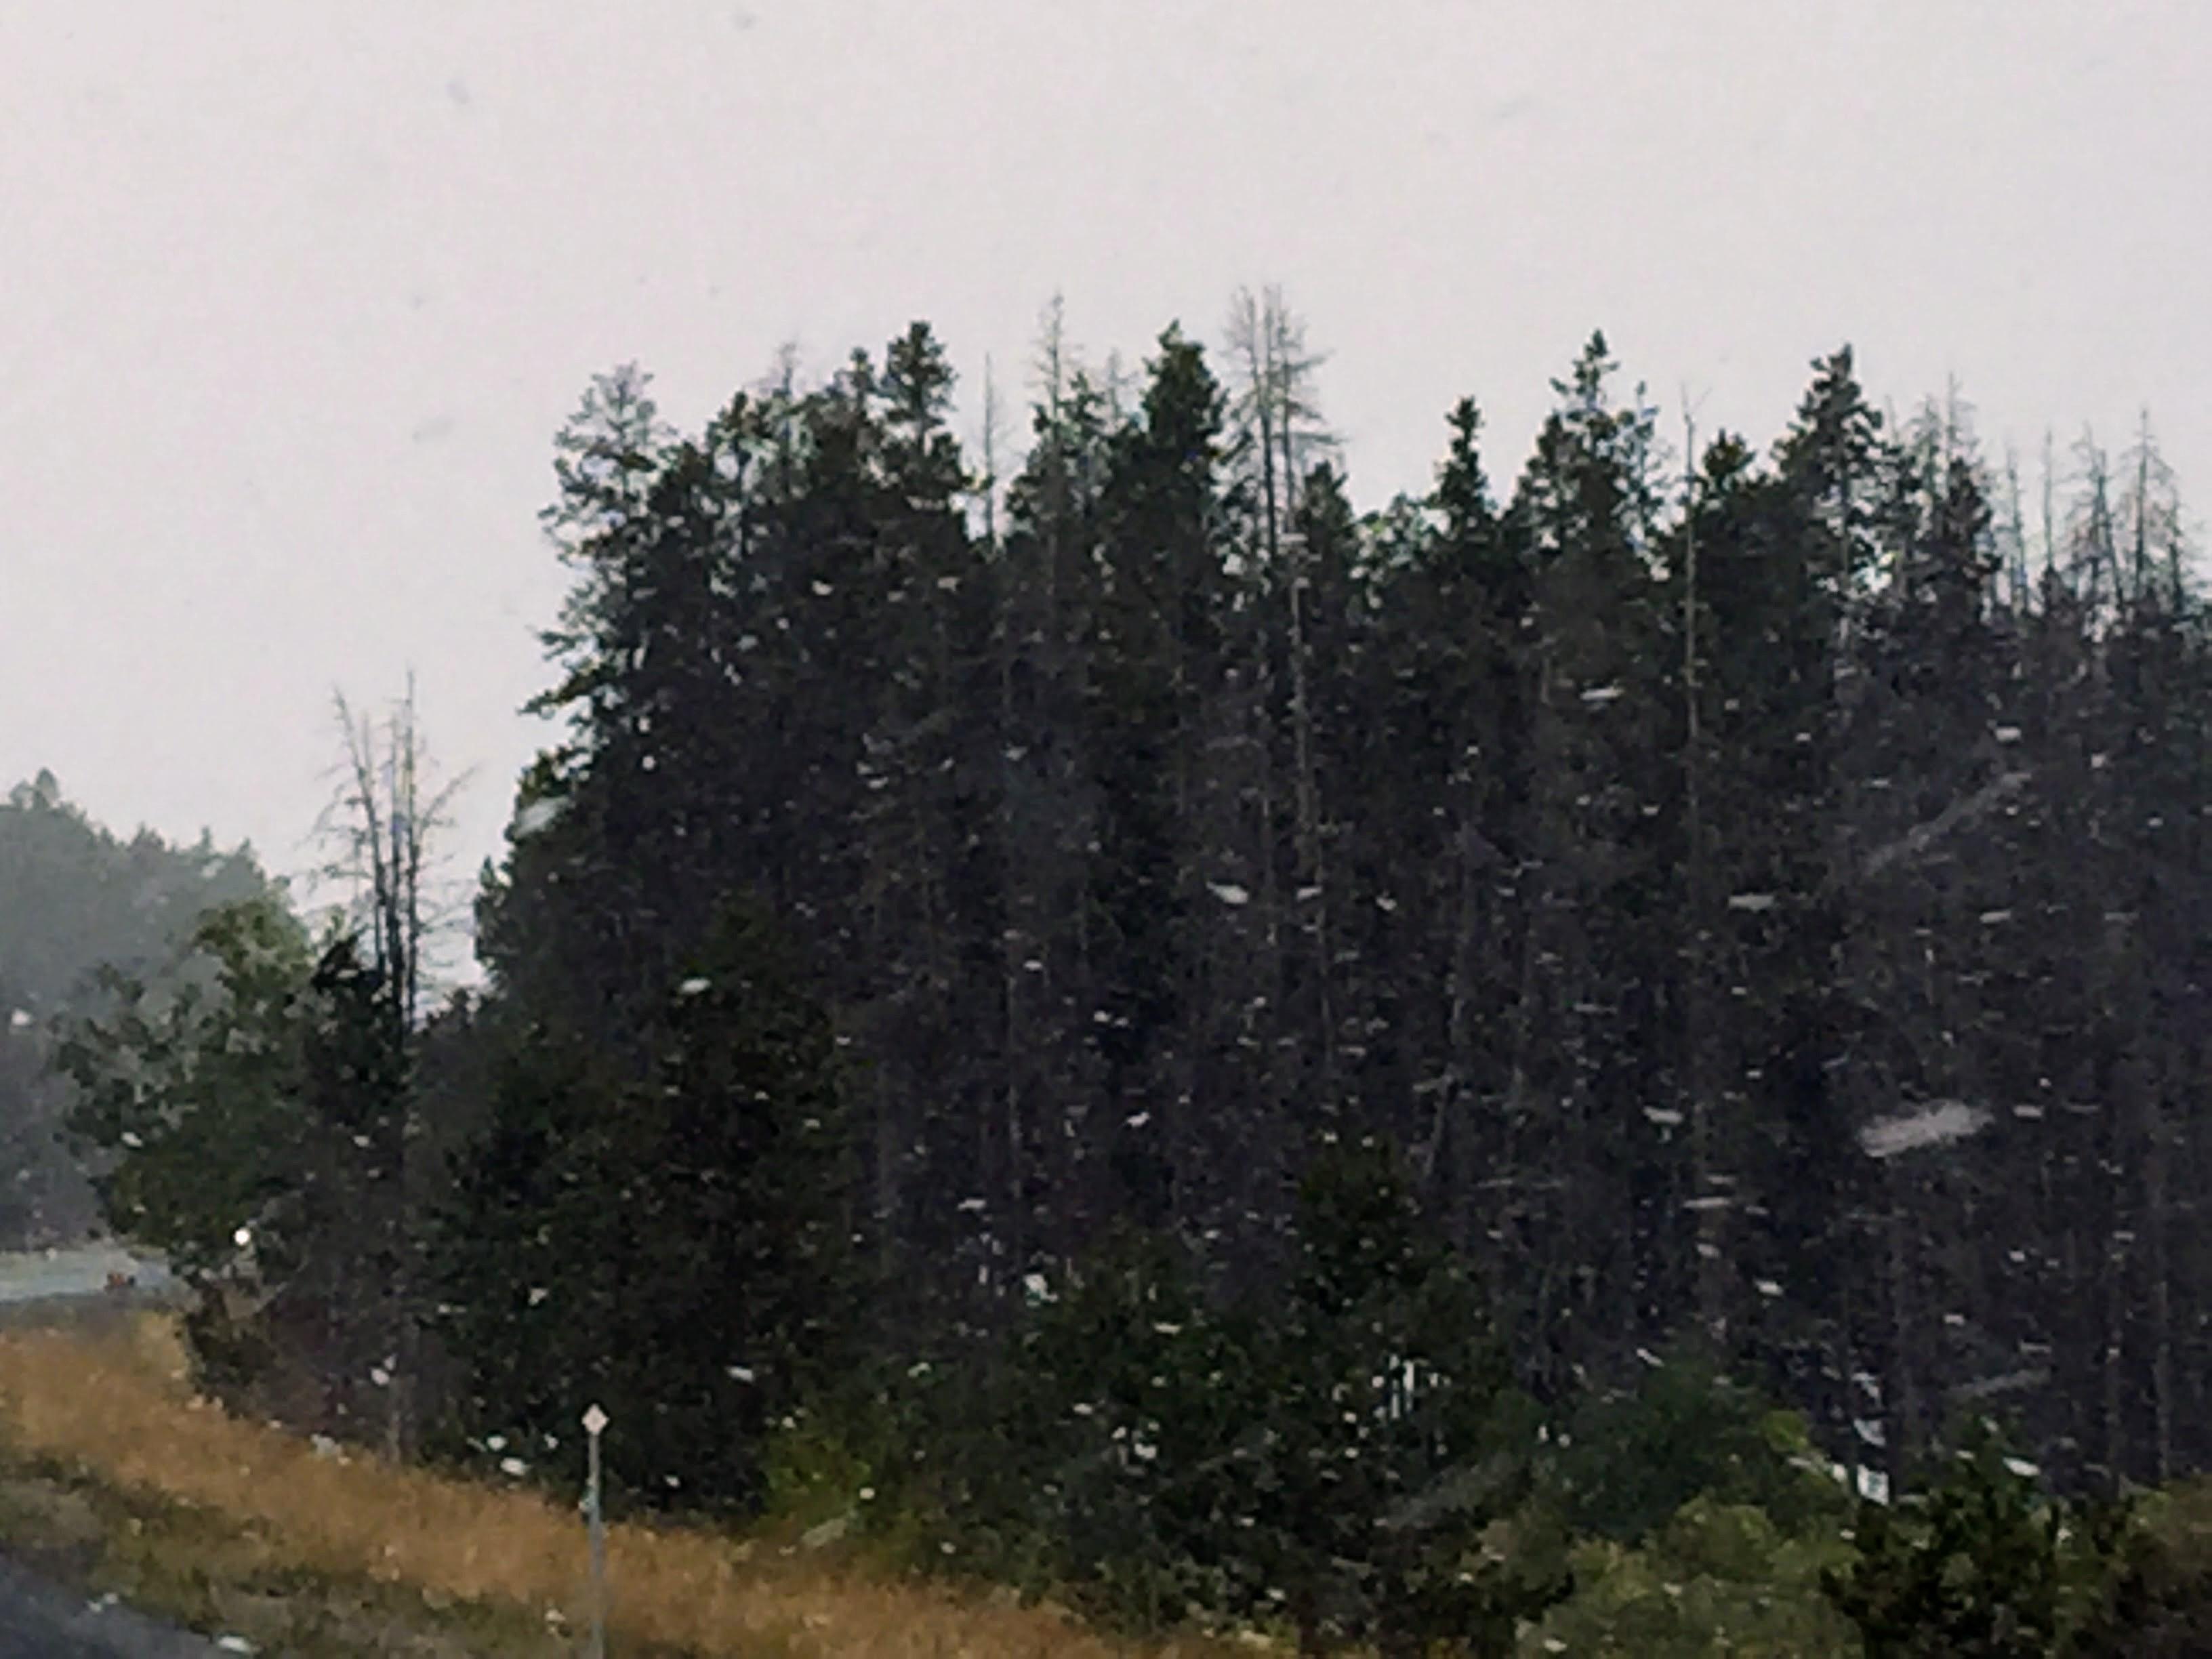 2017-09-20 01 Montana 06 Snow